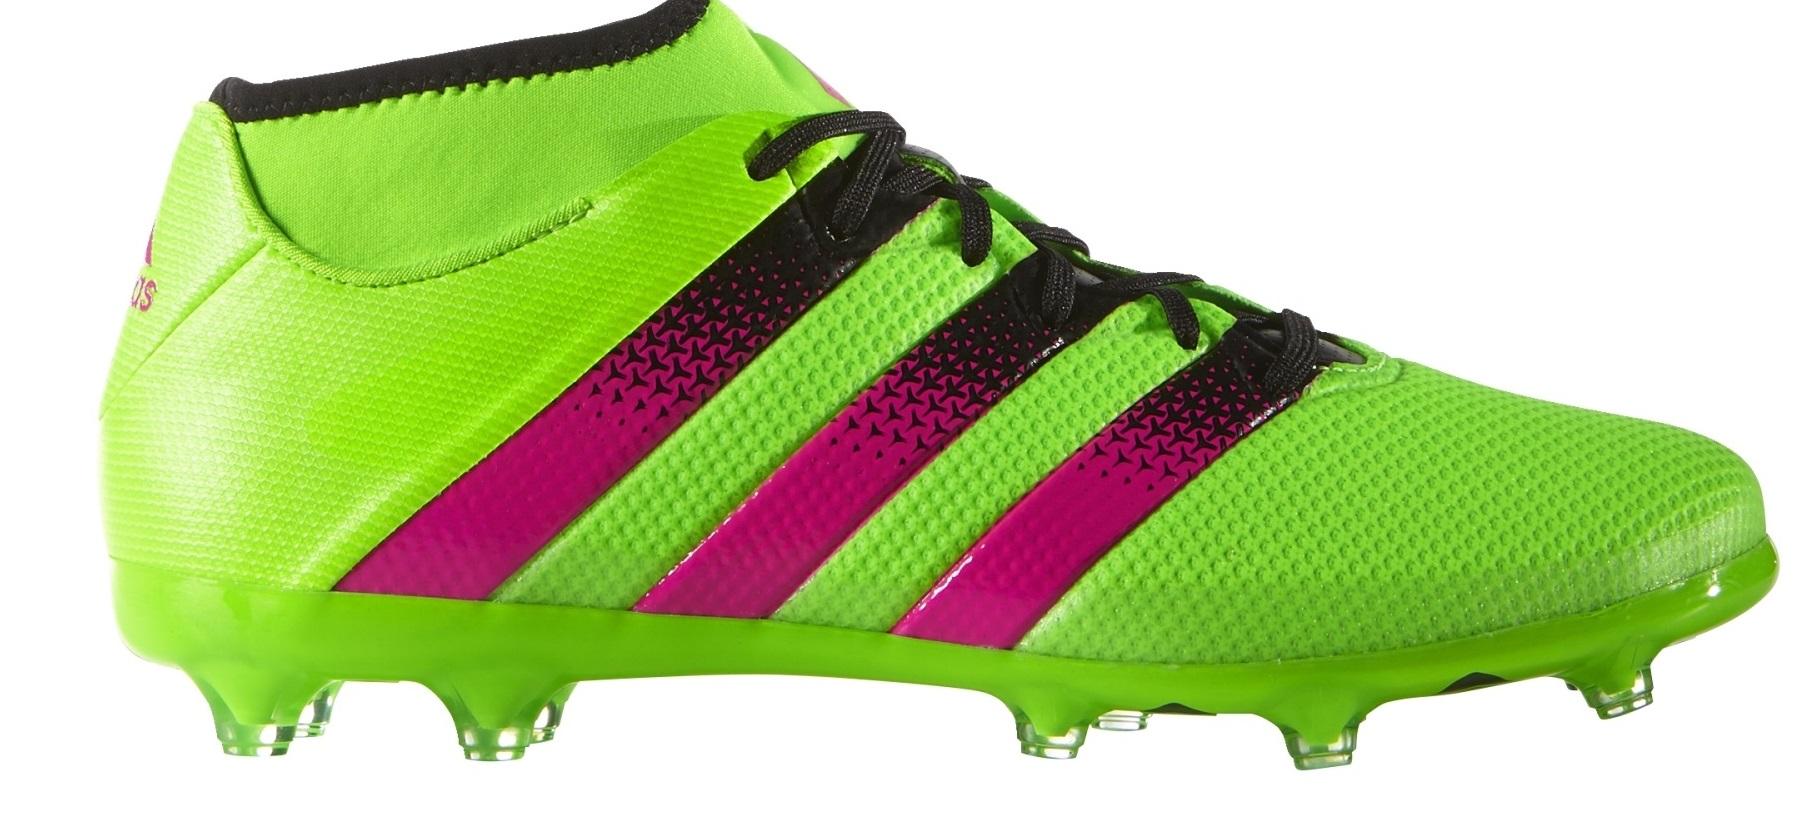 Botas de Fútbol Adidas Ace 16.2 PrimeMesh FG AG colore verde Rosa - Adidas  - SportIT.com 61d50004151d8